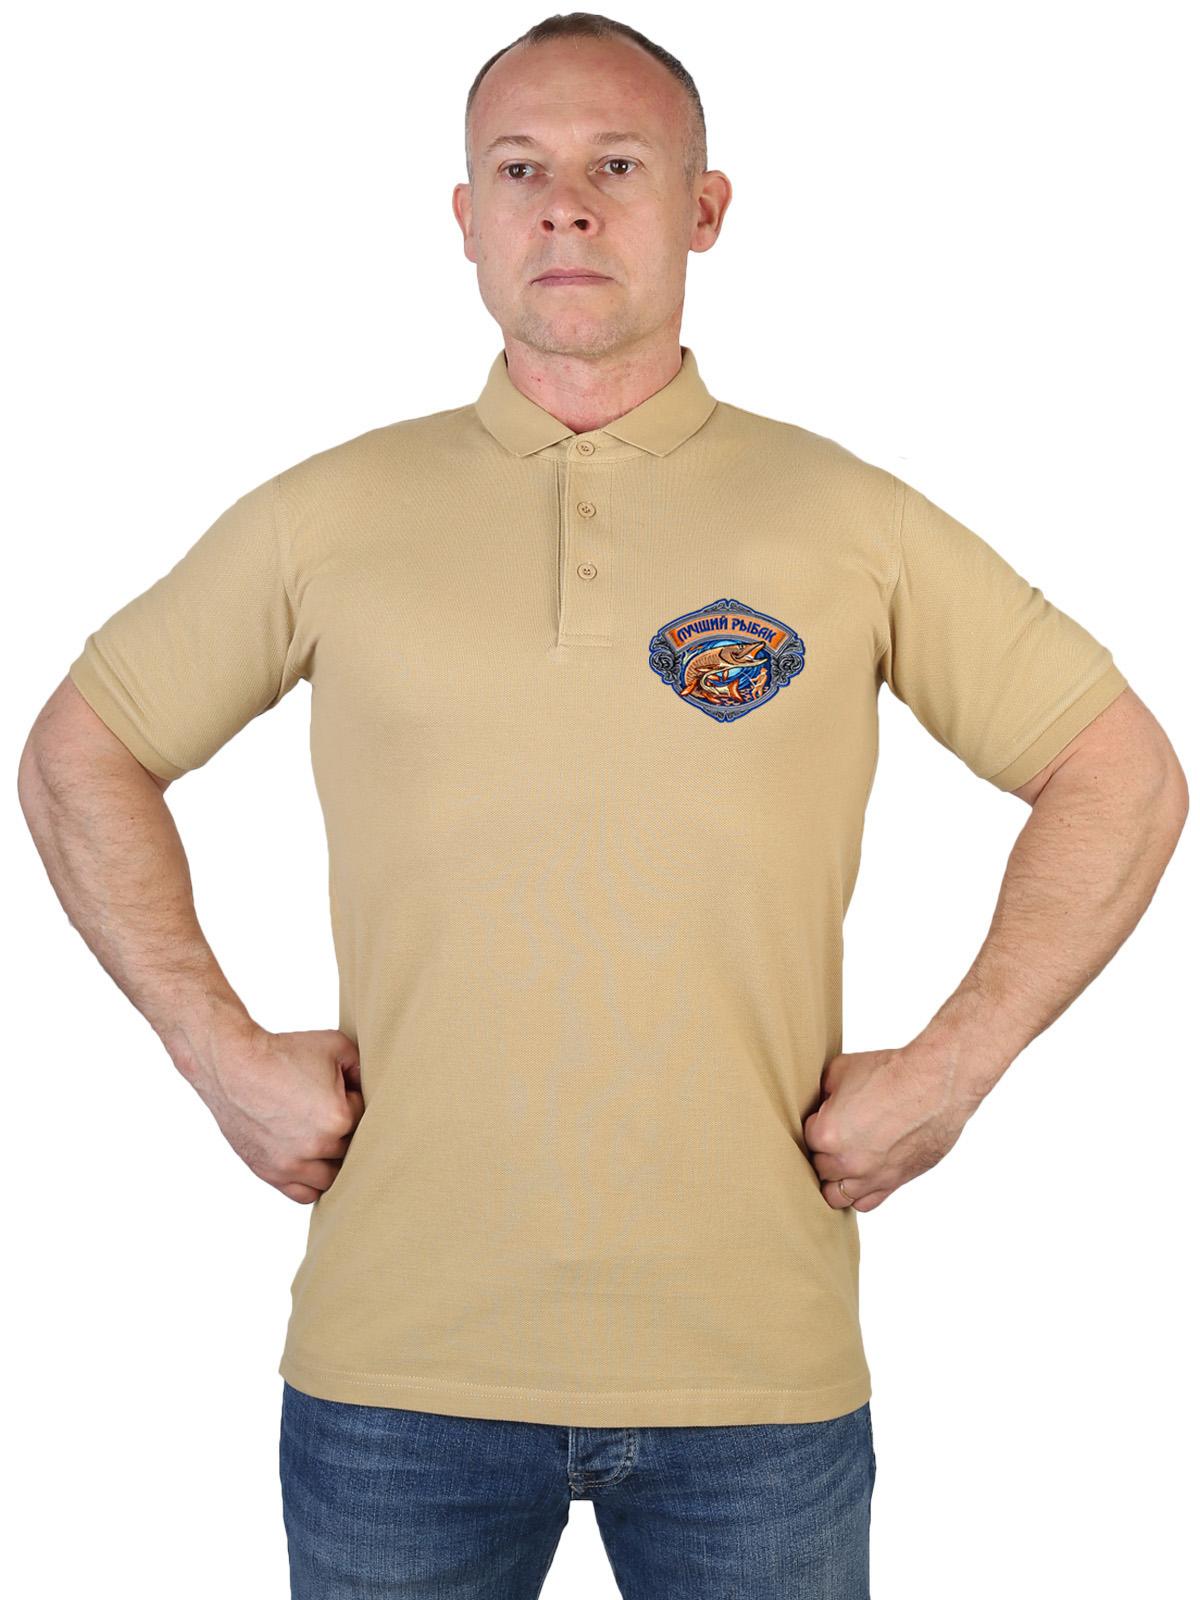 Купить удобную песочную футболку-поло с вышивкой Лучший Рыбак по лучшей цене